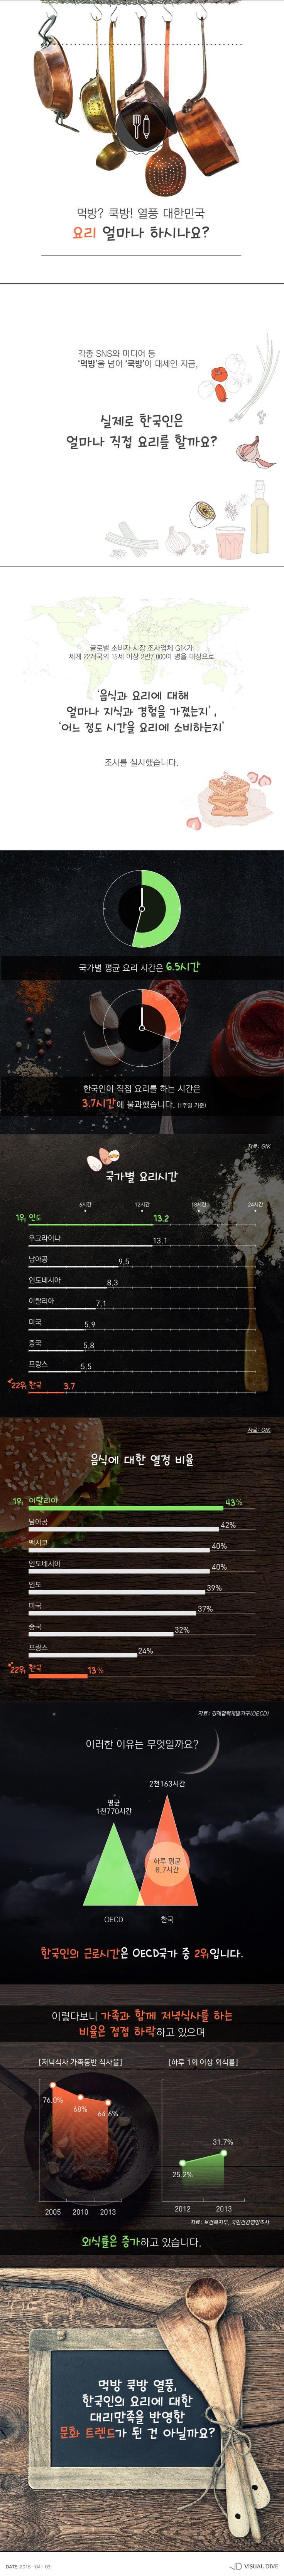 먹방·쿡방' 열풍에도 요리 안 하는 한국인…'1주일에 3.7시간' [인포그래픽] #Cook / #Infographic ⓒ 비주얼다이브 무단 복사·전재·재배포 금지